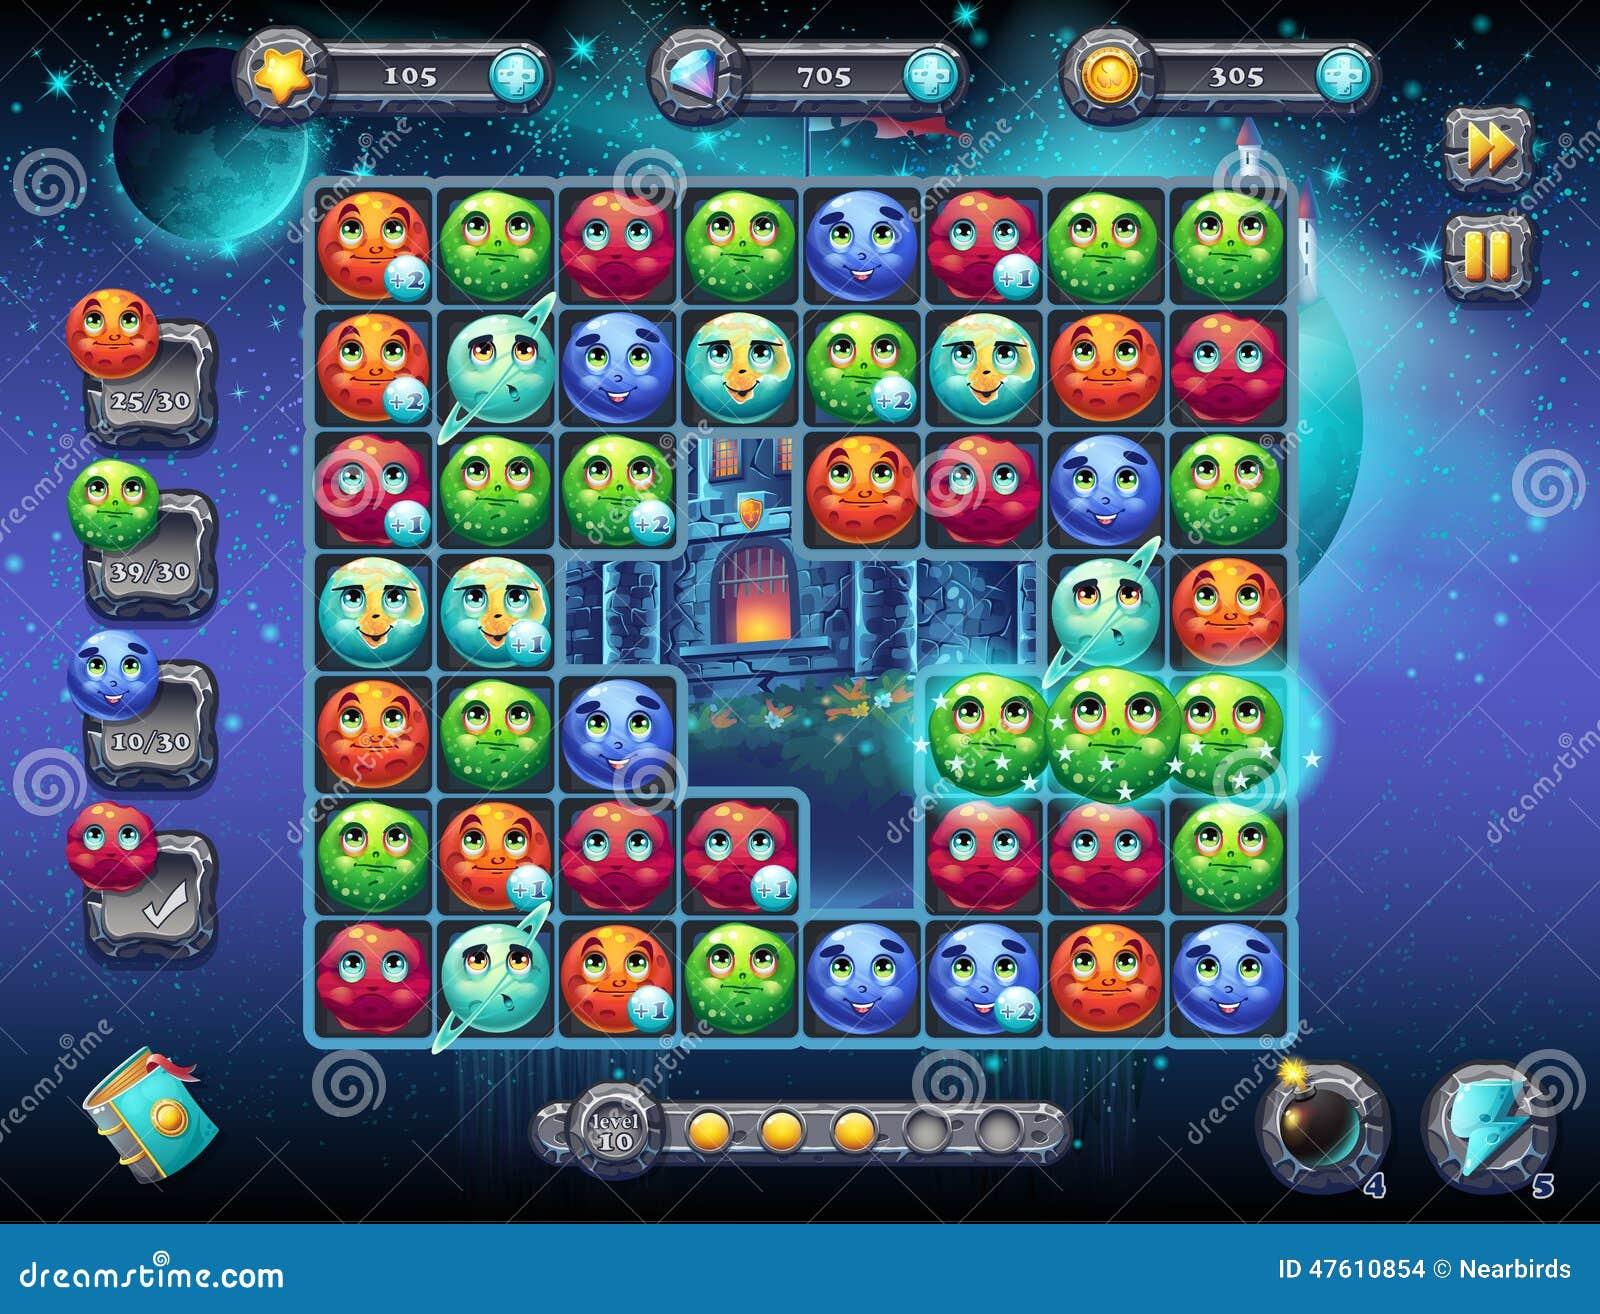 Illustratie fabelachtige ruimte met het beeld van het spelscherm met de interface van het spel speelgebied met pretplaneten als w